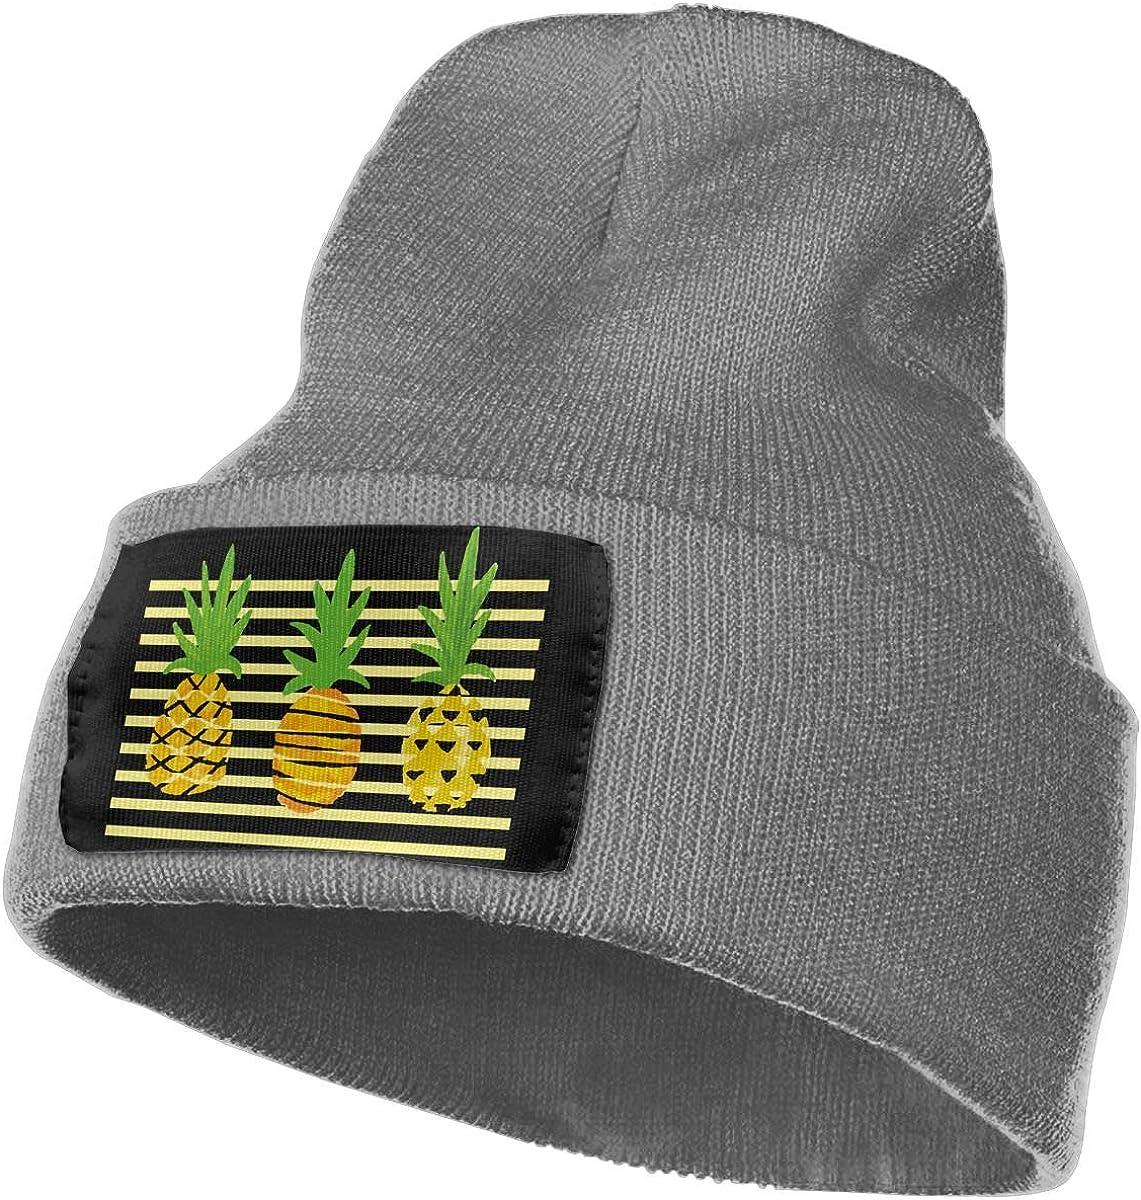 SLADDD1 Abstract Pineapple Warm Winter Hat Knit Beanie Skull Cap Cuff Beanie Hat Winter Hats for Men /& Women